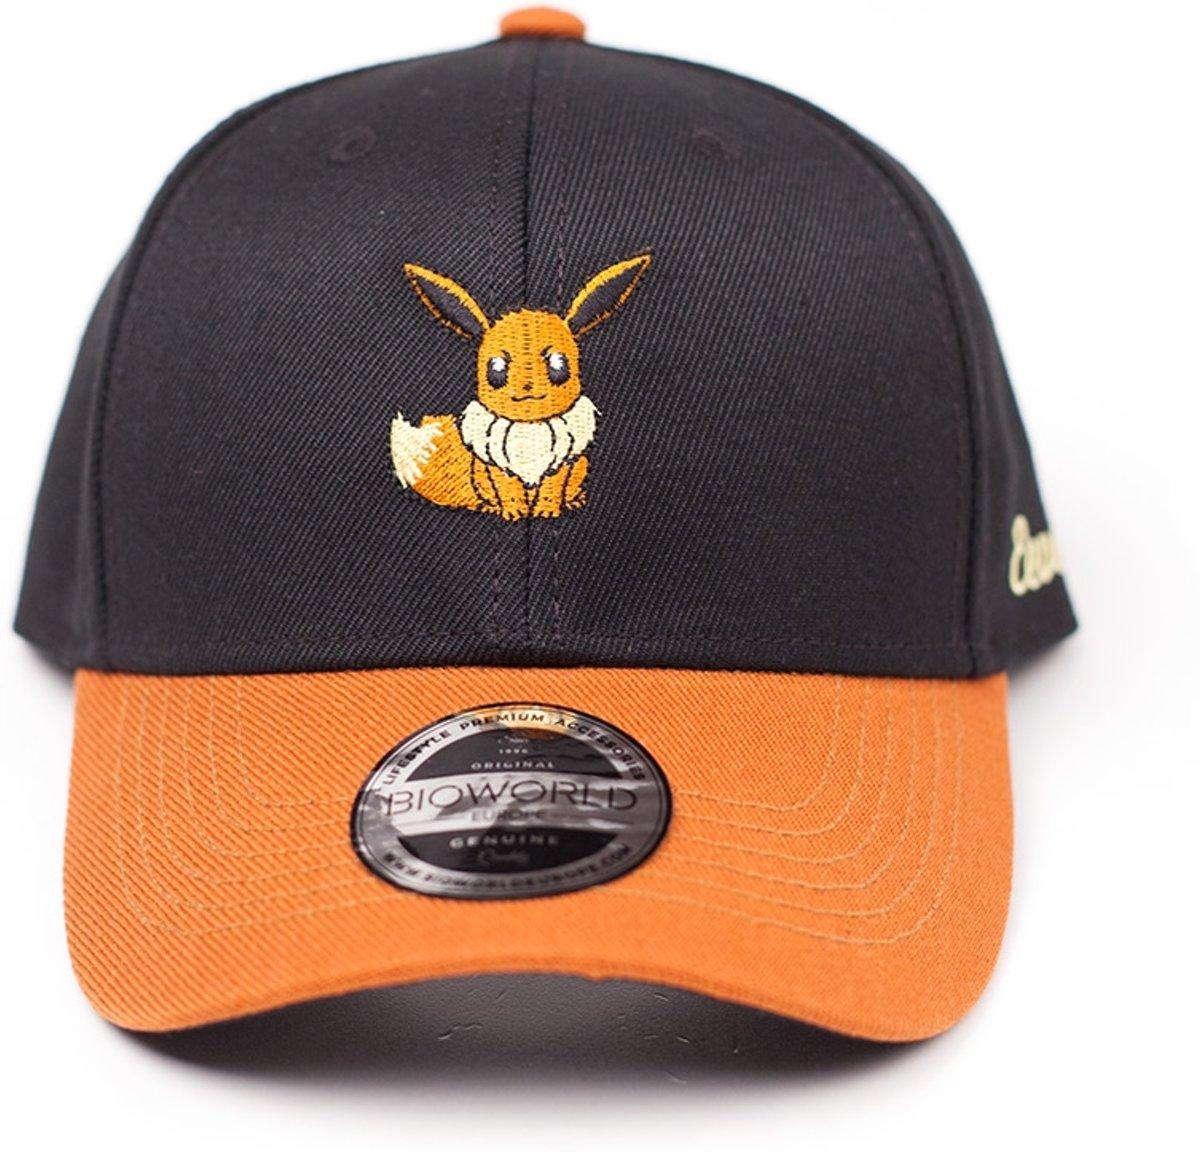 Pok?mon - Eevee pet met gebogen klep zwart/oranje - One size